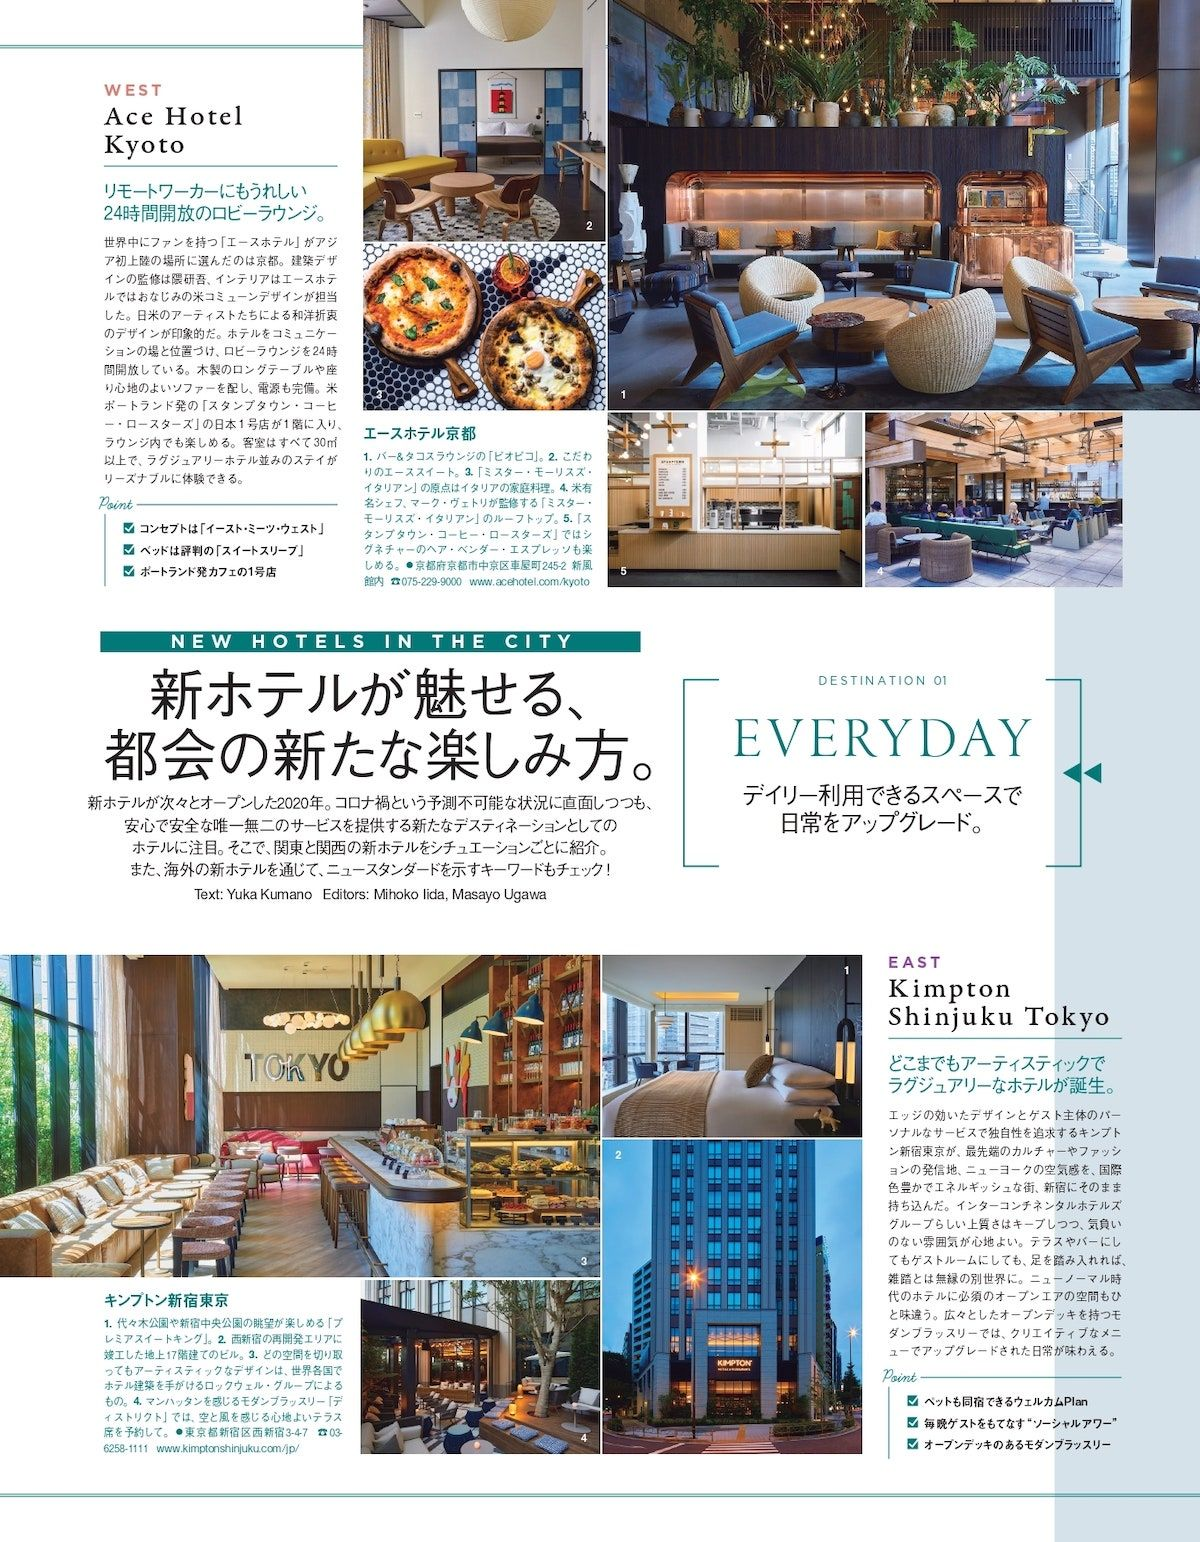 新ホテルが魅せる 都会の新たな楽しみ方 ホテル フォーシーズンズホテル 都会